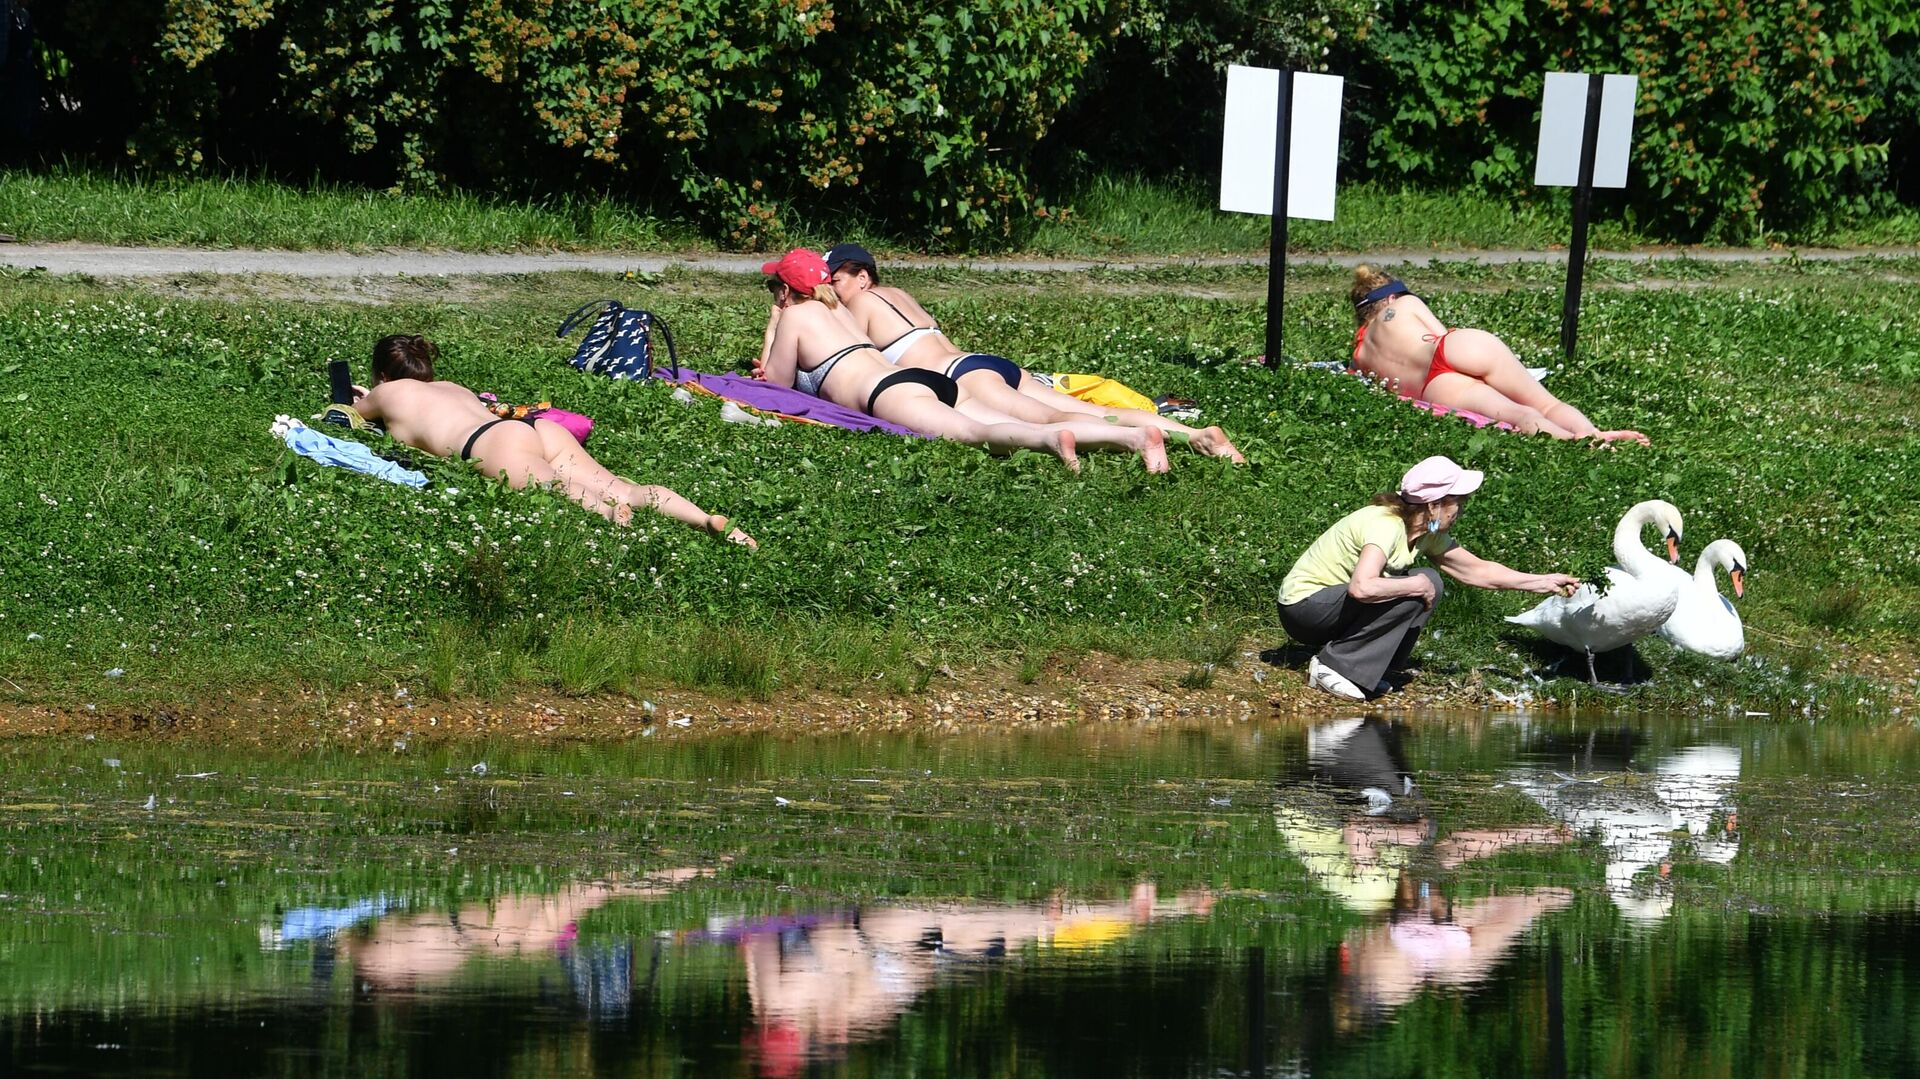 Люди загорают на газоне у пруда в жаркую погоду в парке культуры и отдыха Сокольники в Москве - РИА Новости, 1920, 01.07.2021